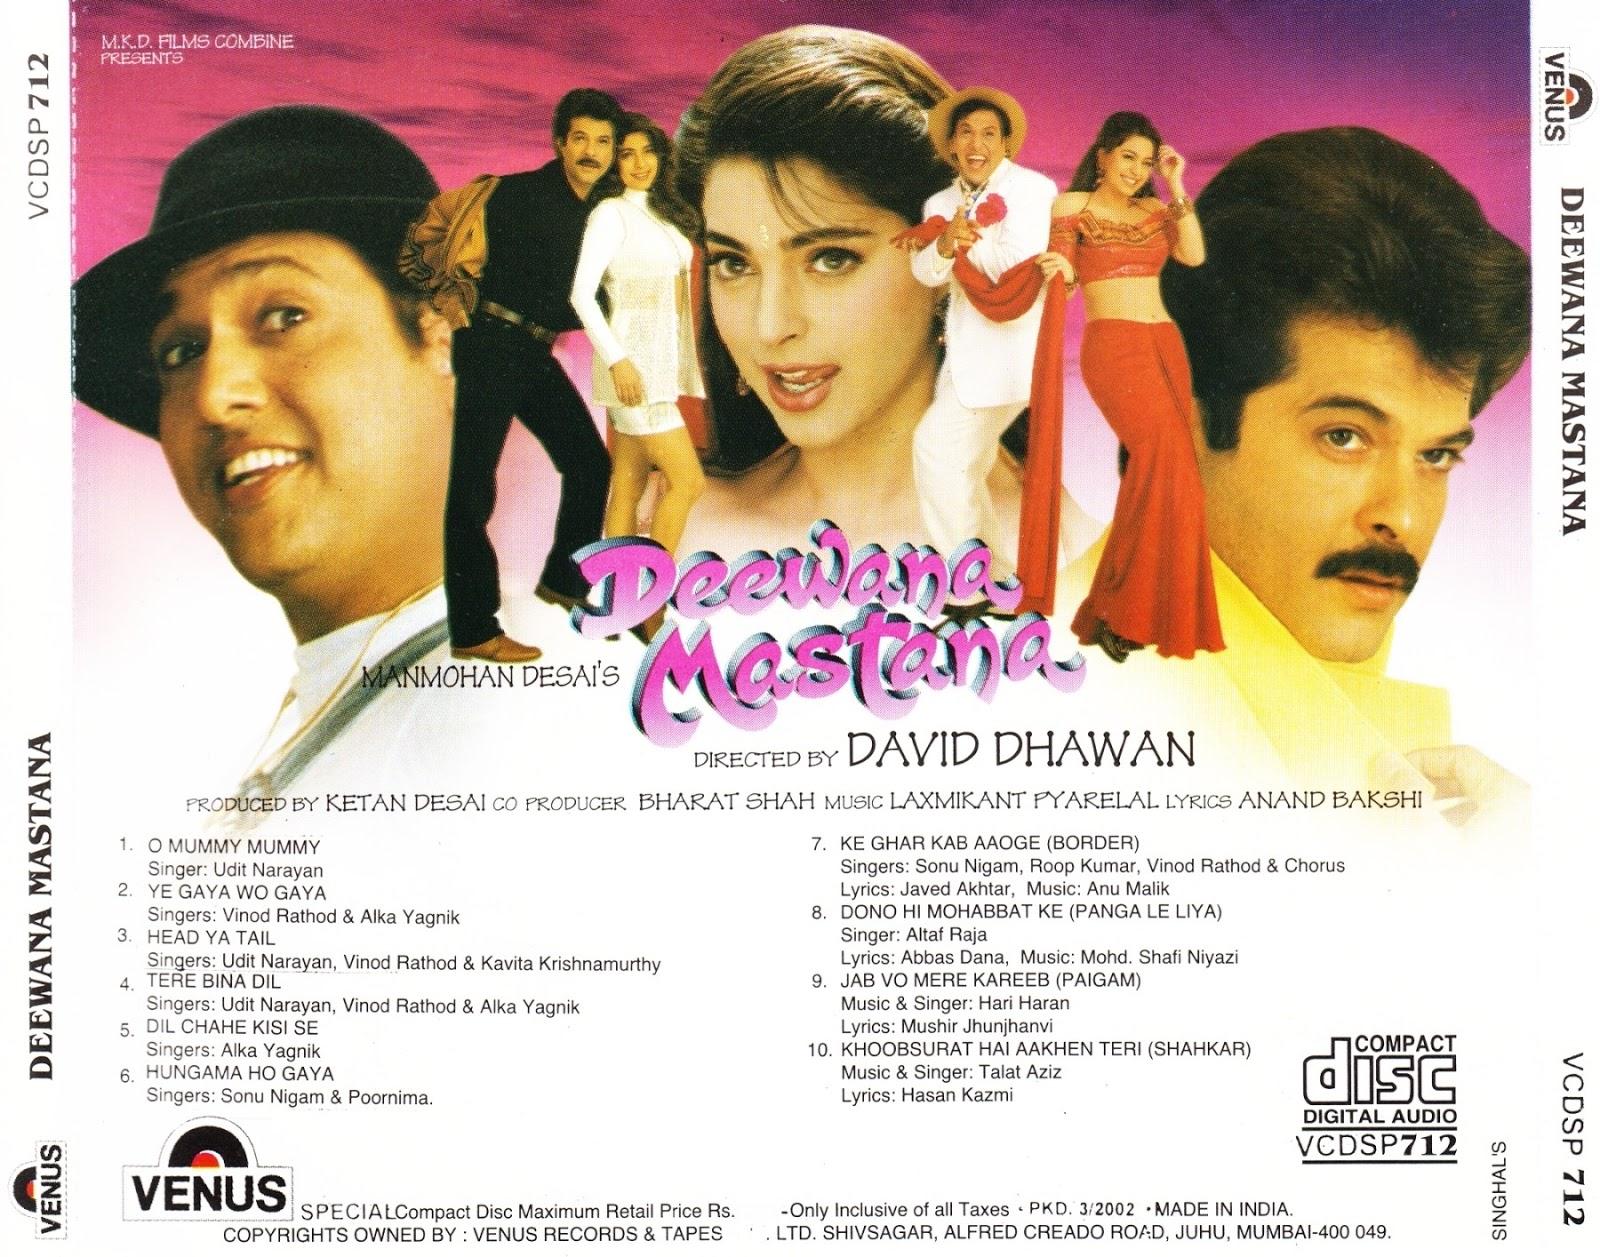 deewana mastana mp3 song 320kbps download